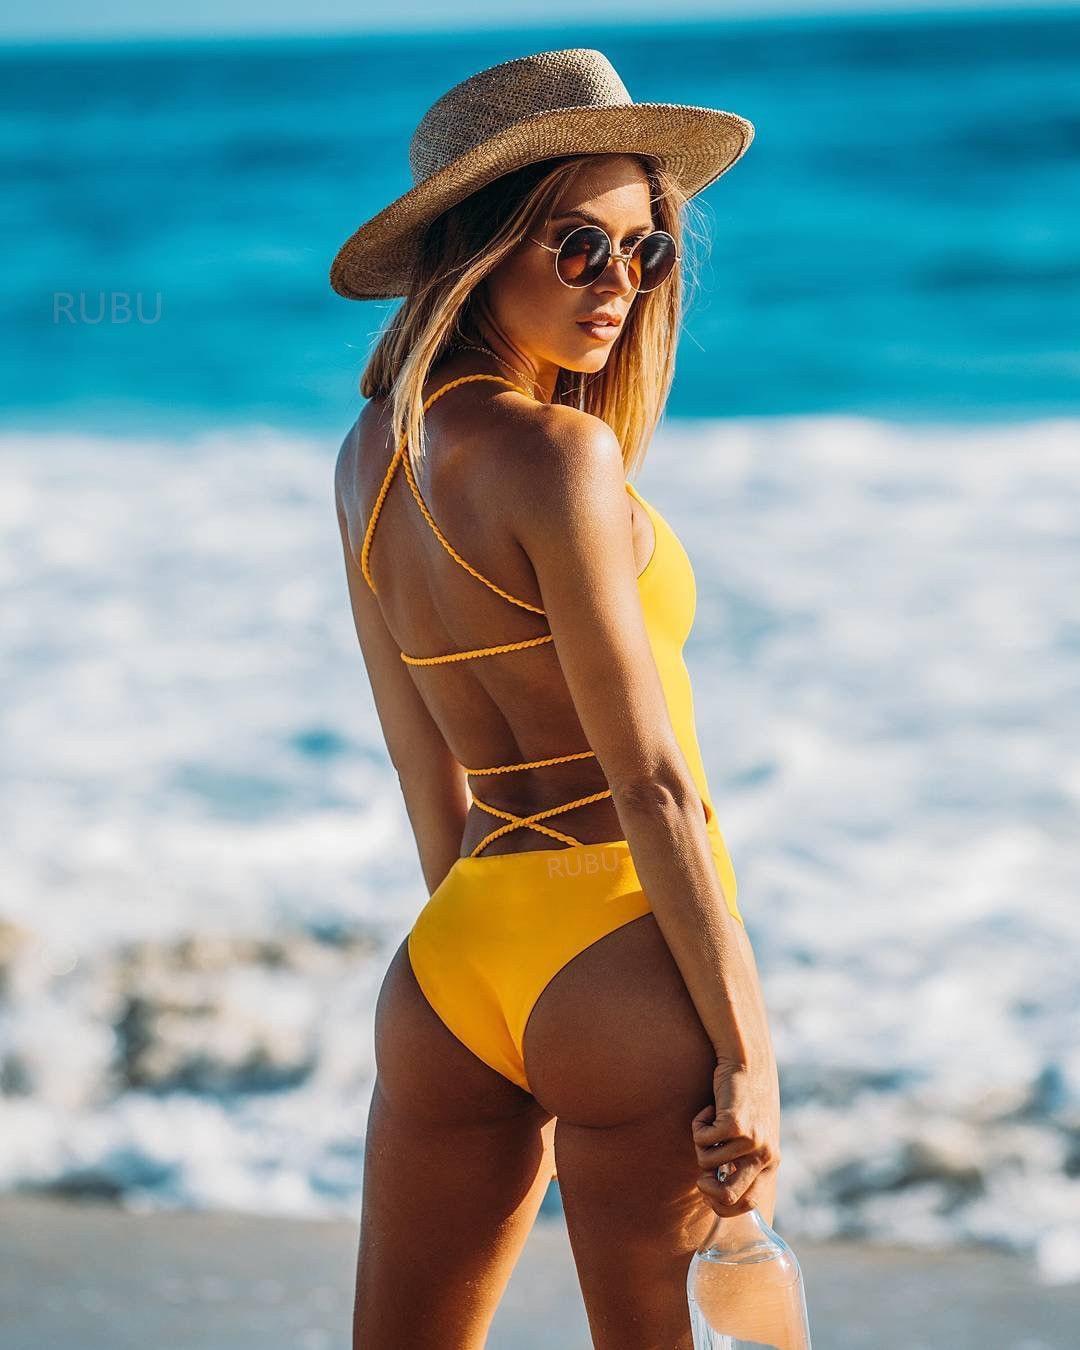 Mulheres One-Piece Swimsuit 2019 Vendido Swimwear Meninas Maiô Bikini Mulheres Define Monokini Beachwear Feminino Terno de Natação